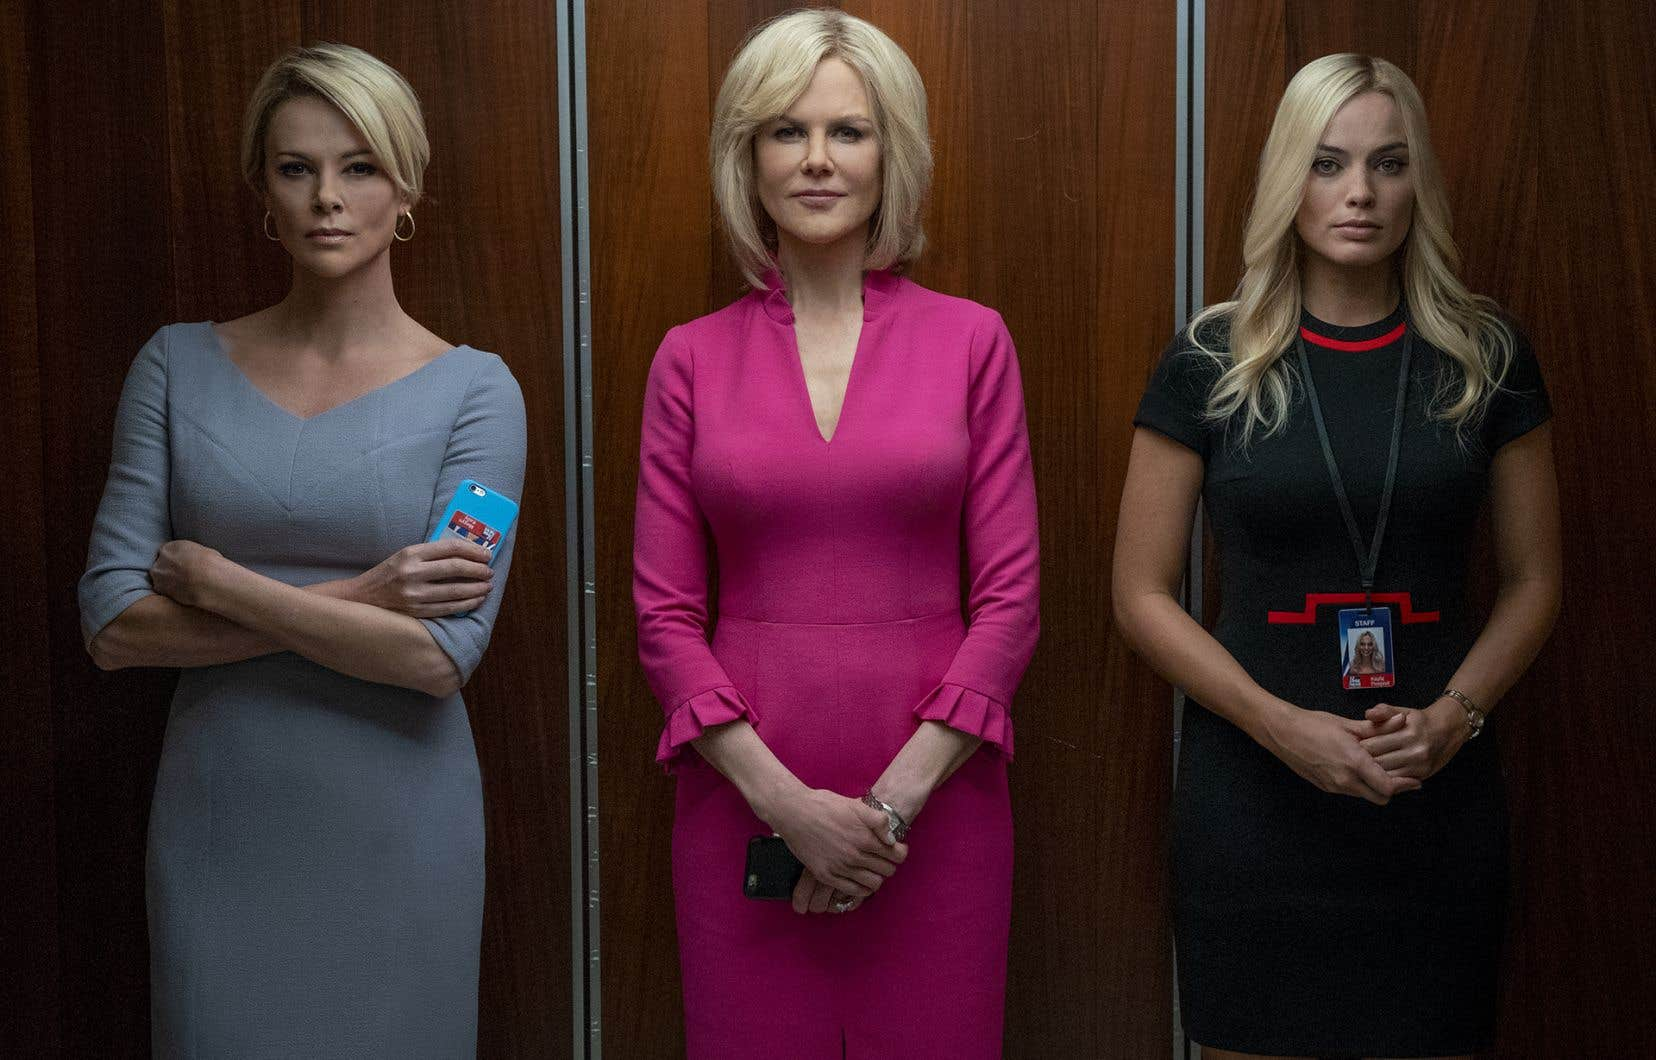 Aidées de maquillages prosthétiques aussi élaborés que crédibles, Nicole Kidman, qui incarne Gretchen Carlson, et surtout Charlize Theron, plus vraie que vraie en Megyn Kelly, ainsi que Margot Robbie entraînent  le public dans les dédales insidieusement toxiques  de Fox News.